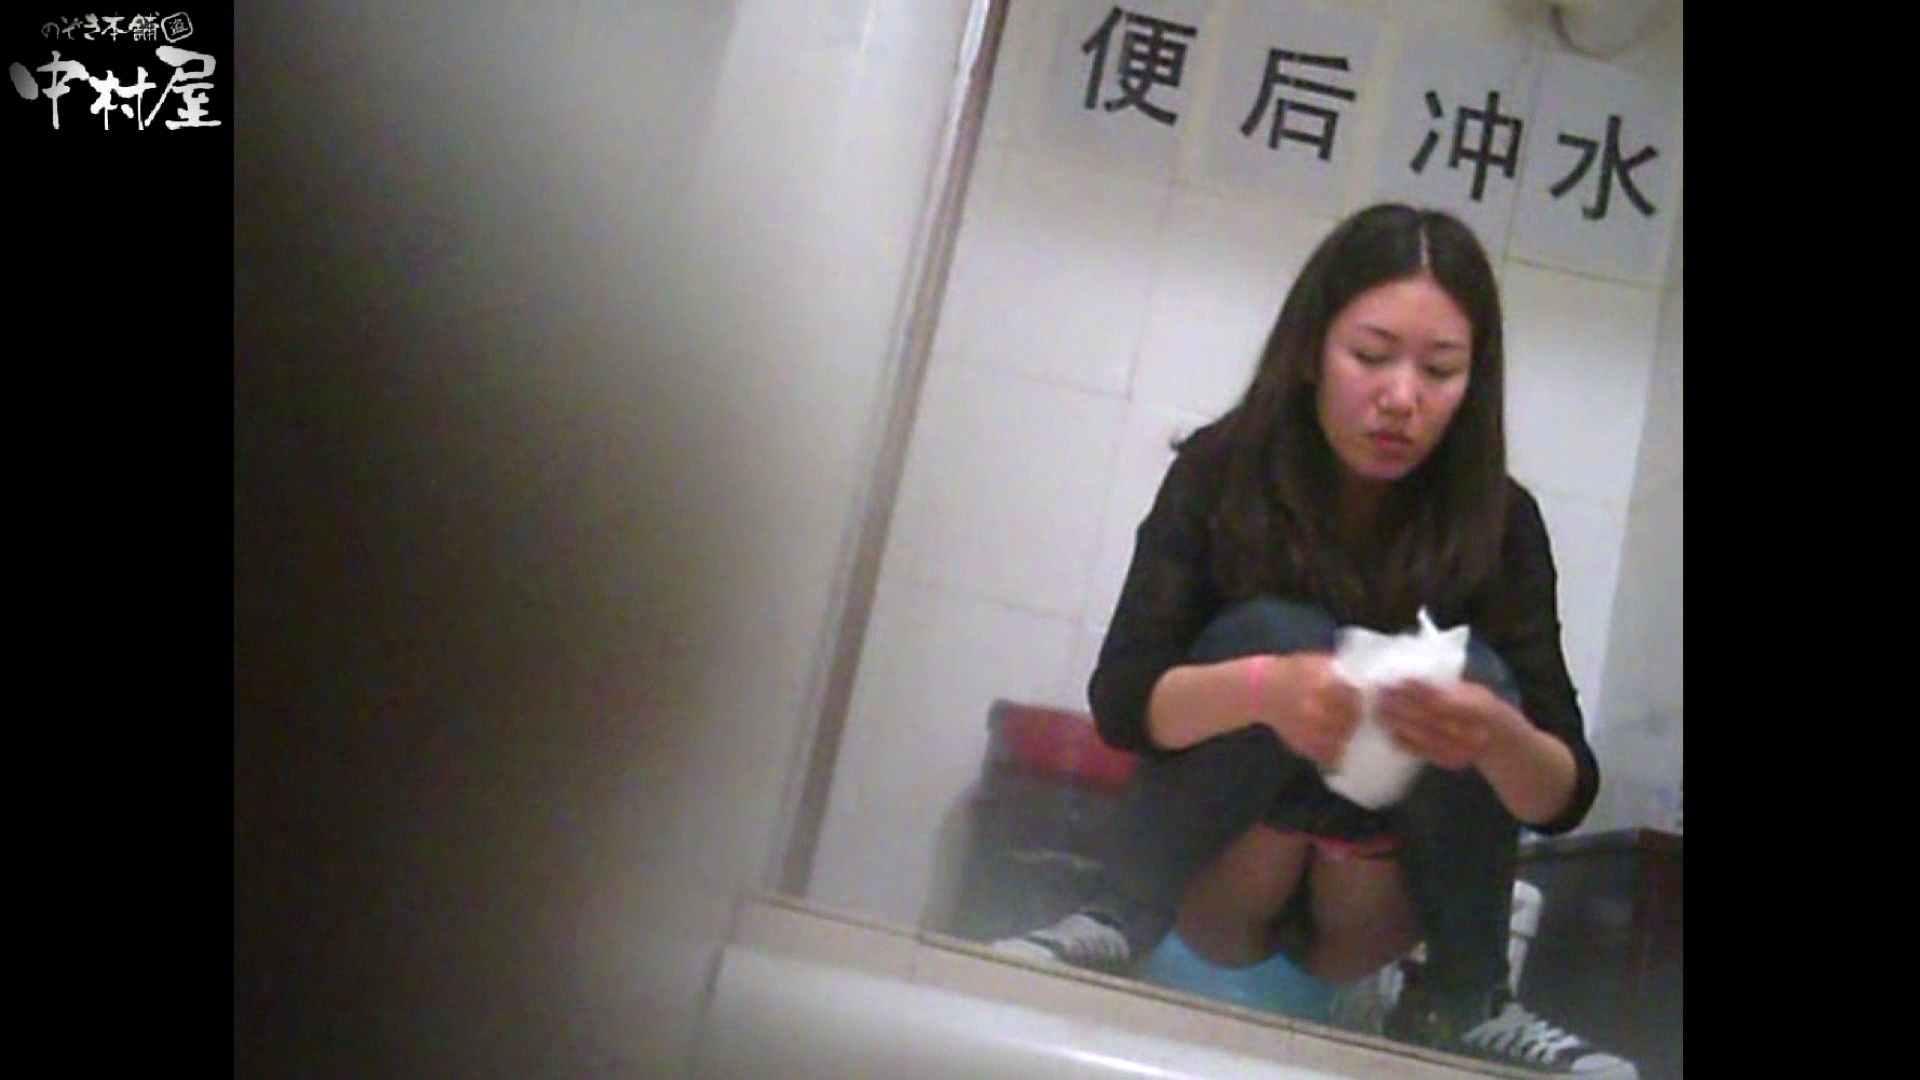 李さんの盗撮日記 Vol.07 現役ギャル 隠し撮りオマンコ動画紹介 81pic 48